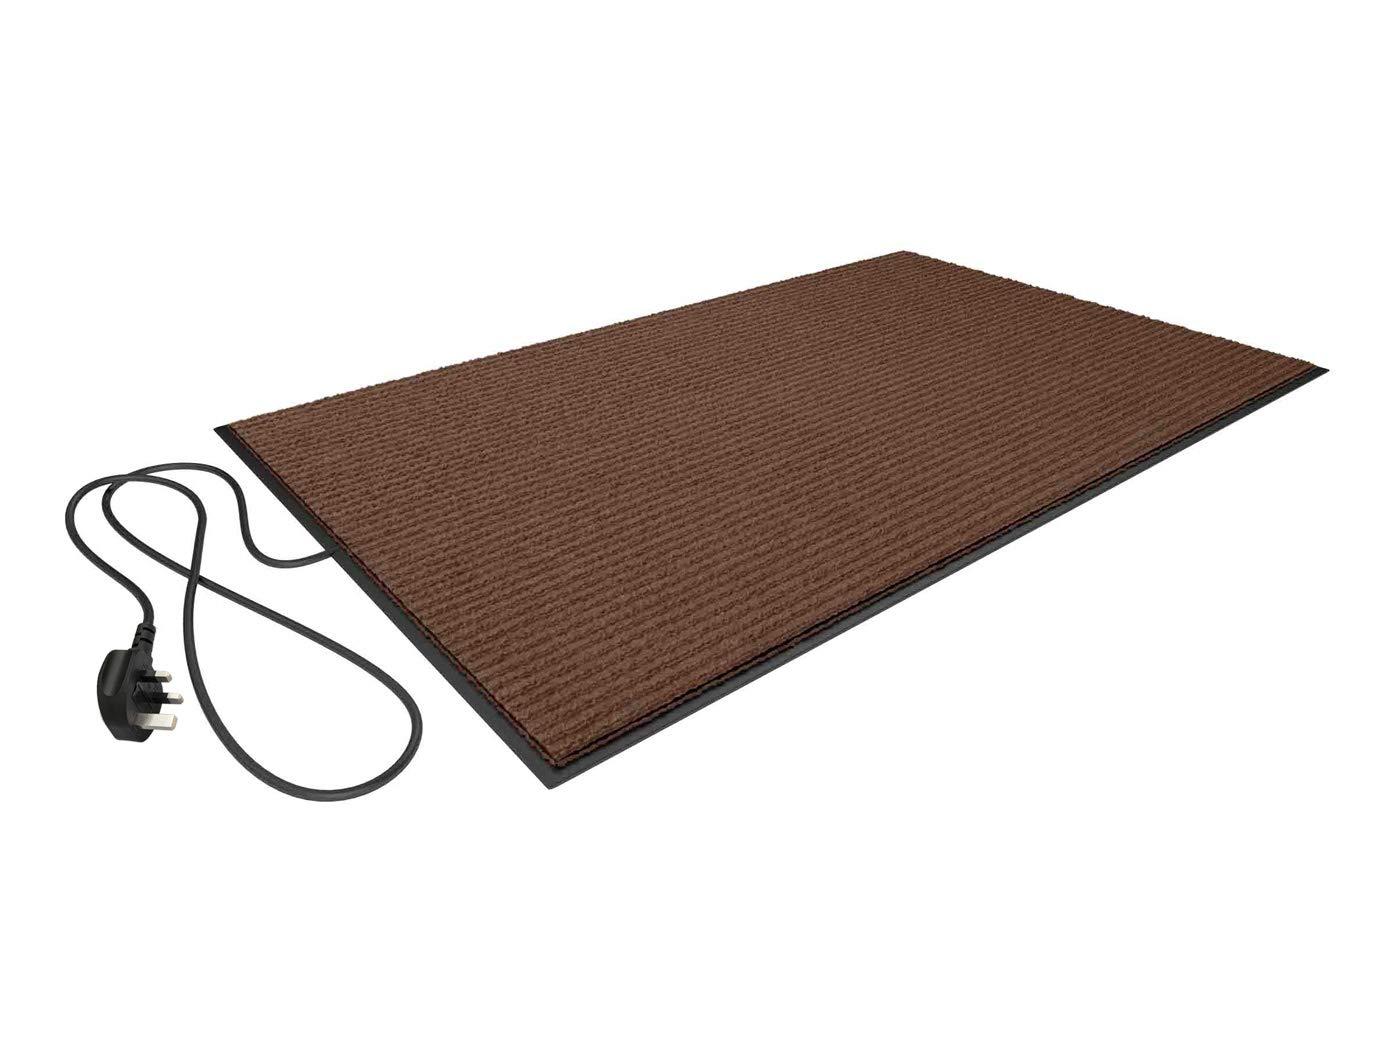 Elektrischer Heizteppich/Heizmatte / Schuhtrockner Plus 70 Watt 80X50 cm (Braun) Bodenheizung 24